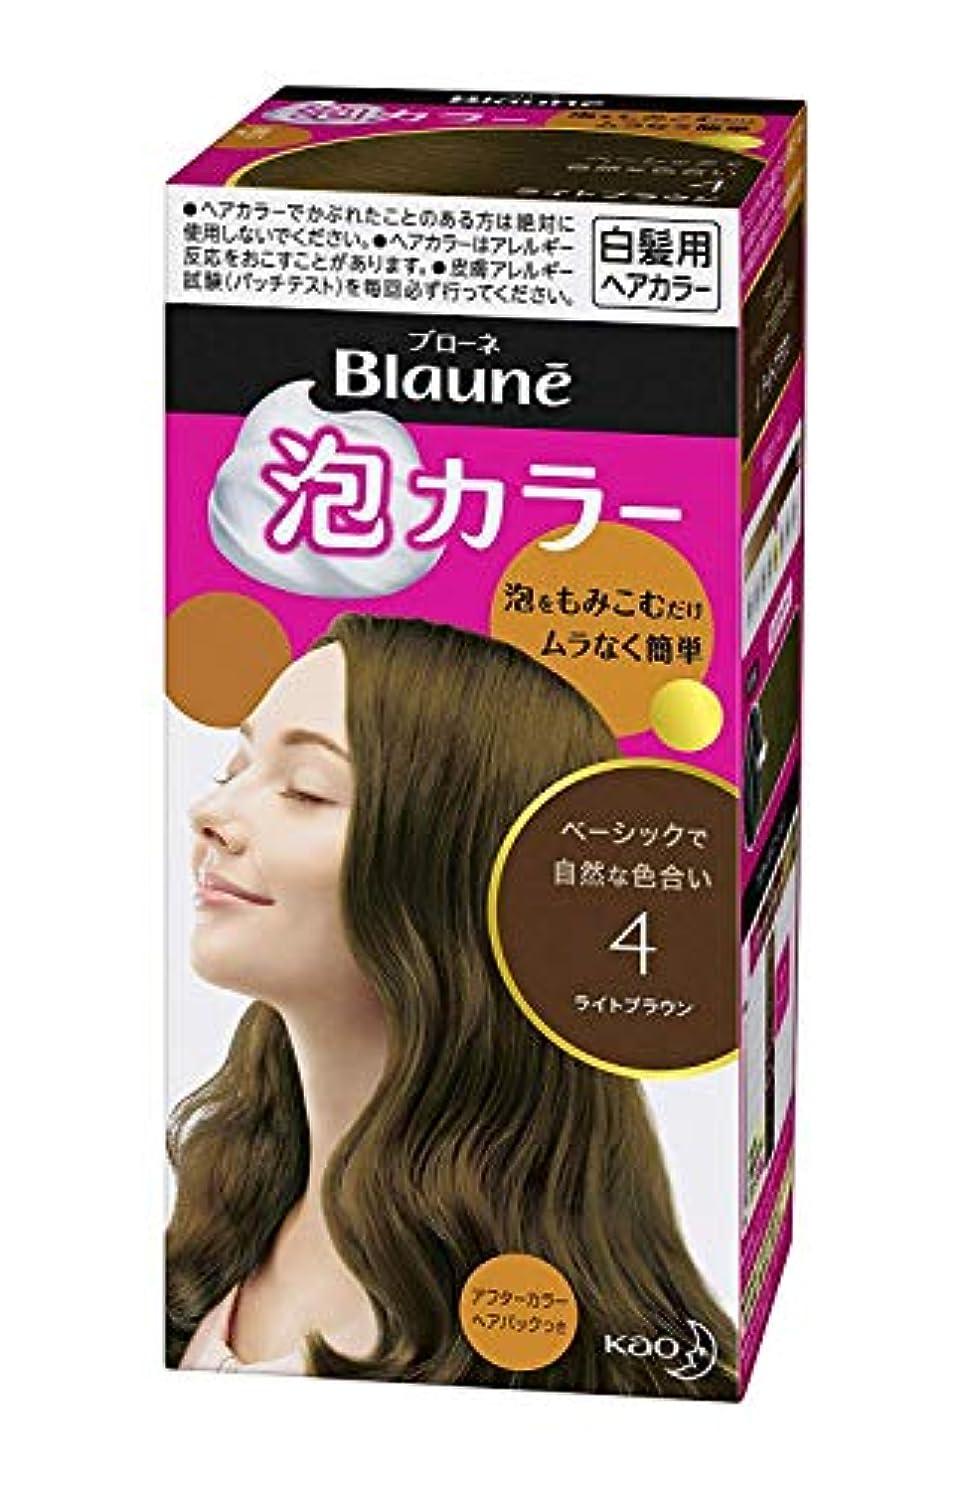 名前素晴らしきファンタジー【花王】ブローネ泡カラー 4 ライトブラウン 108ml ×20個セット